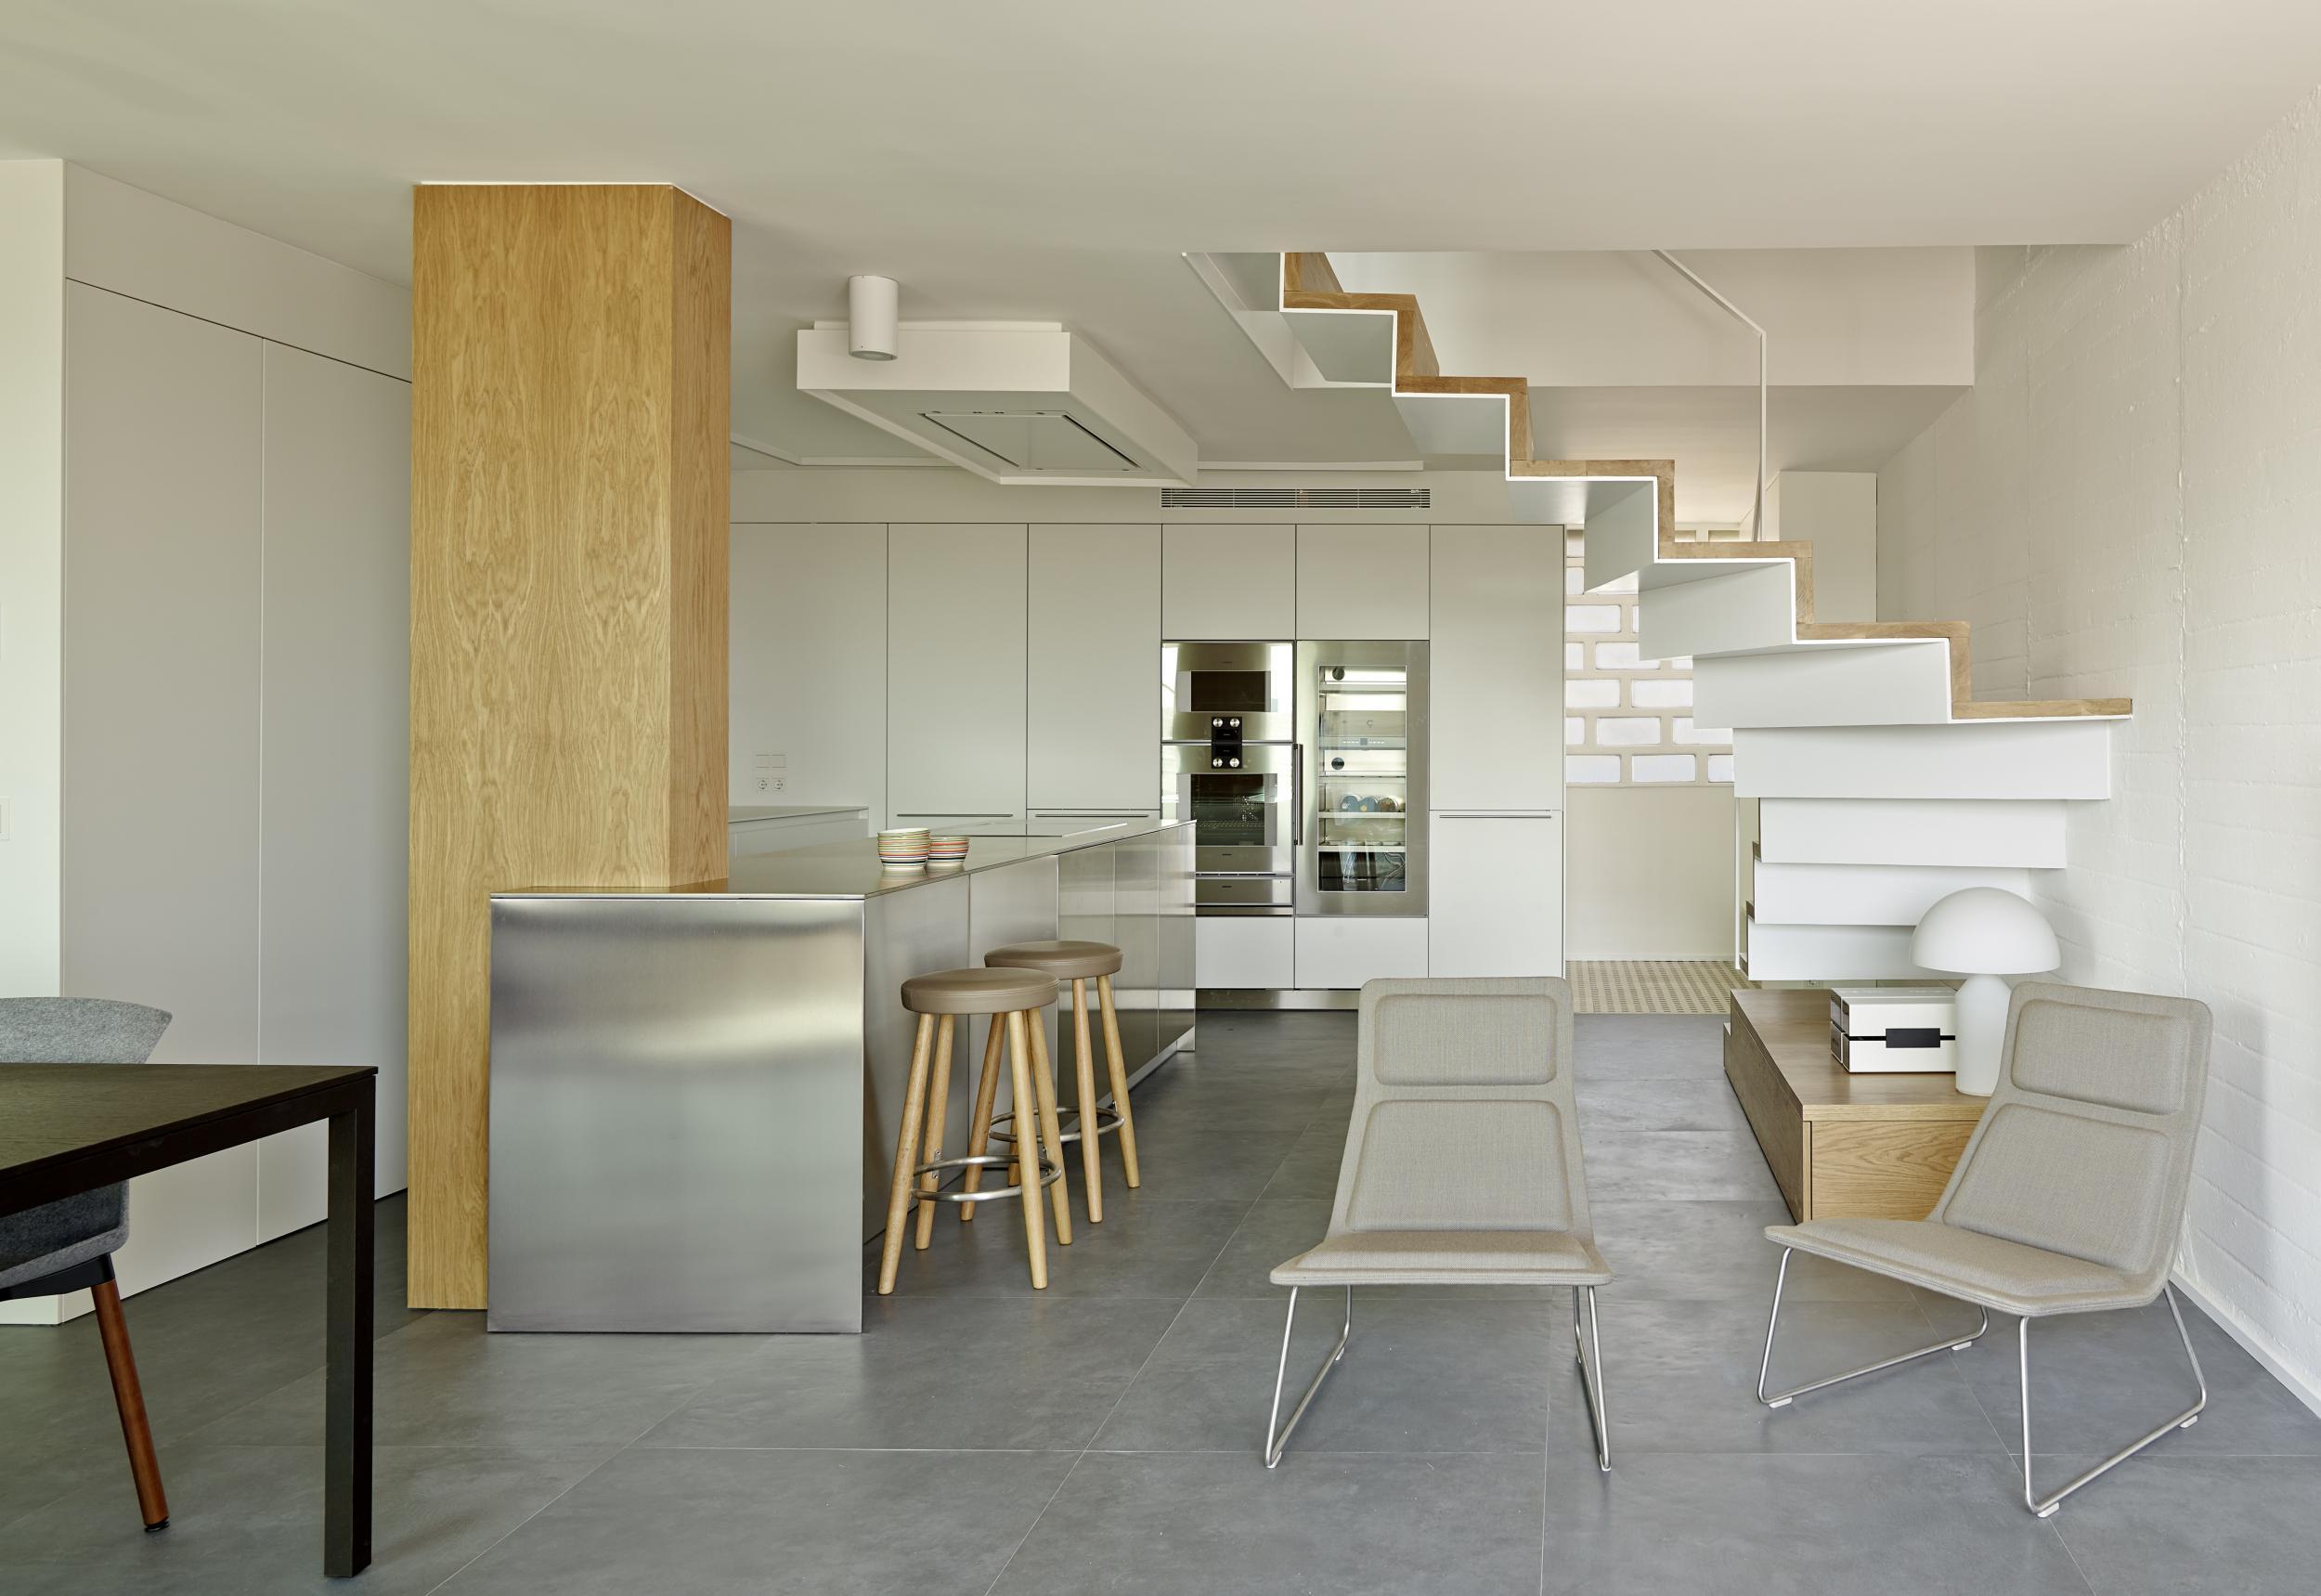 D plex abierto y funcional en gracia vilablanch estudio - Duplex de diseno ...